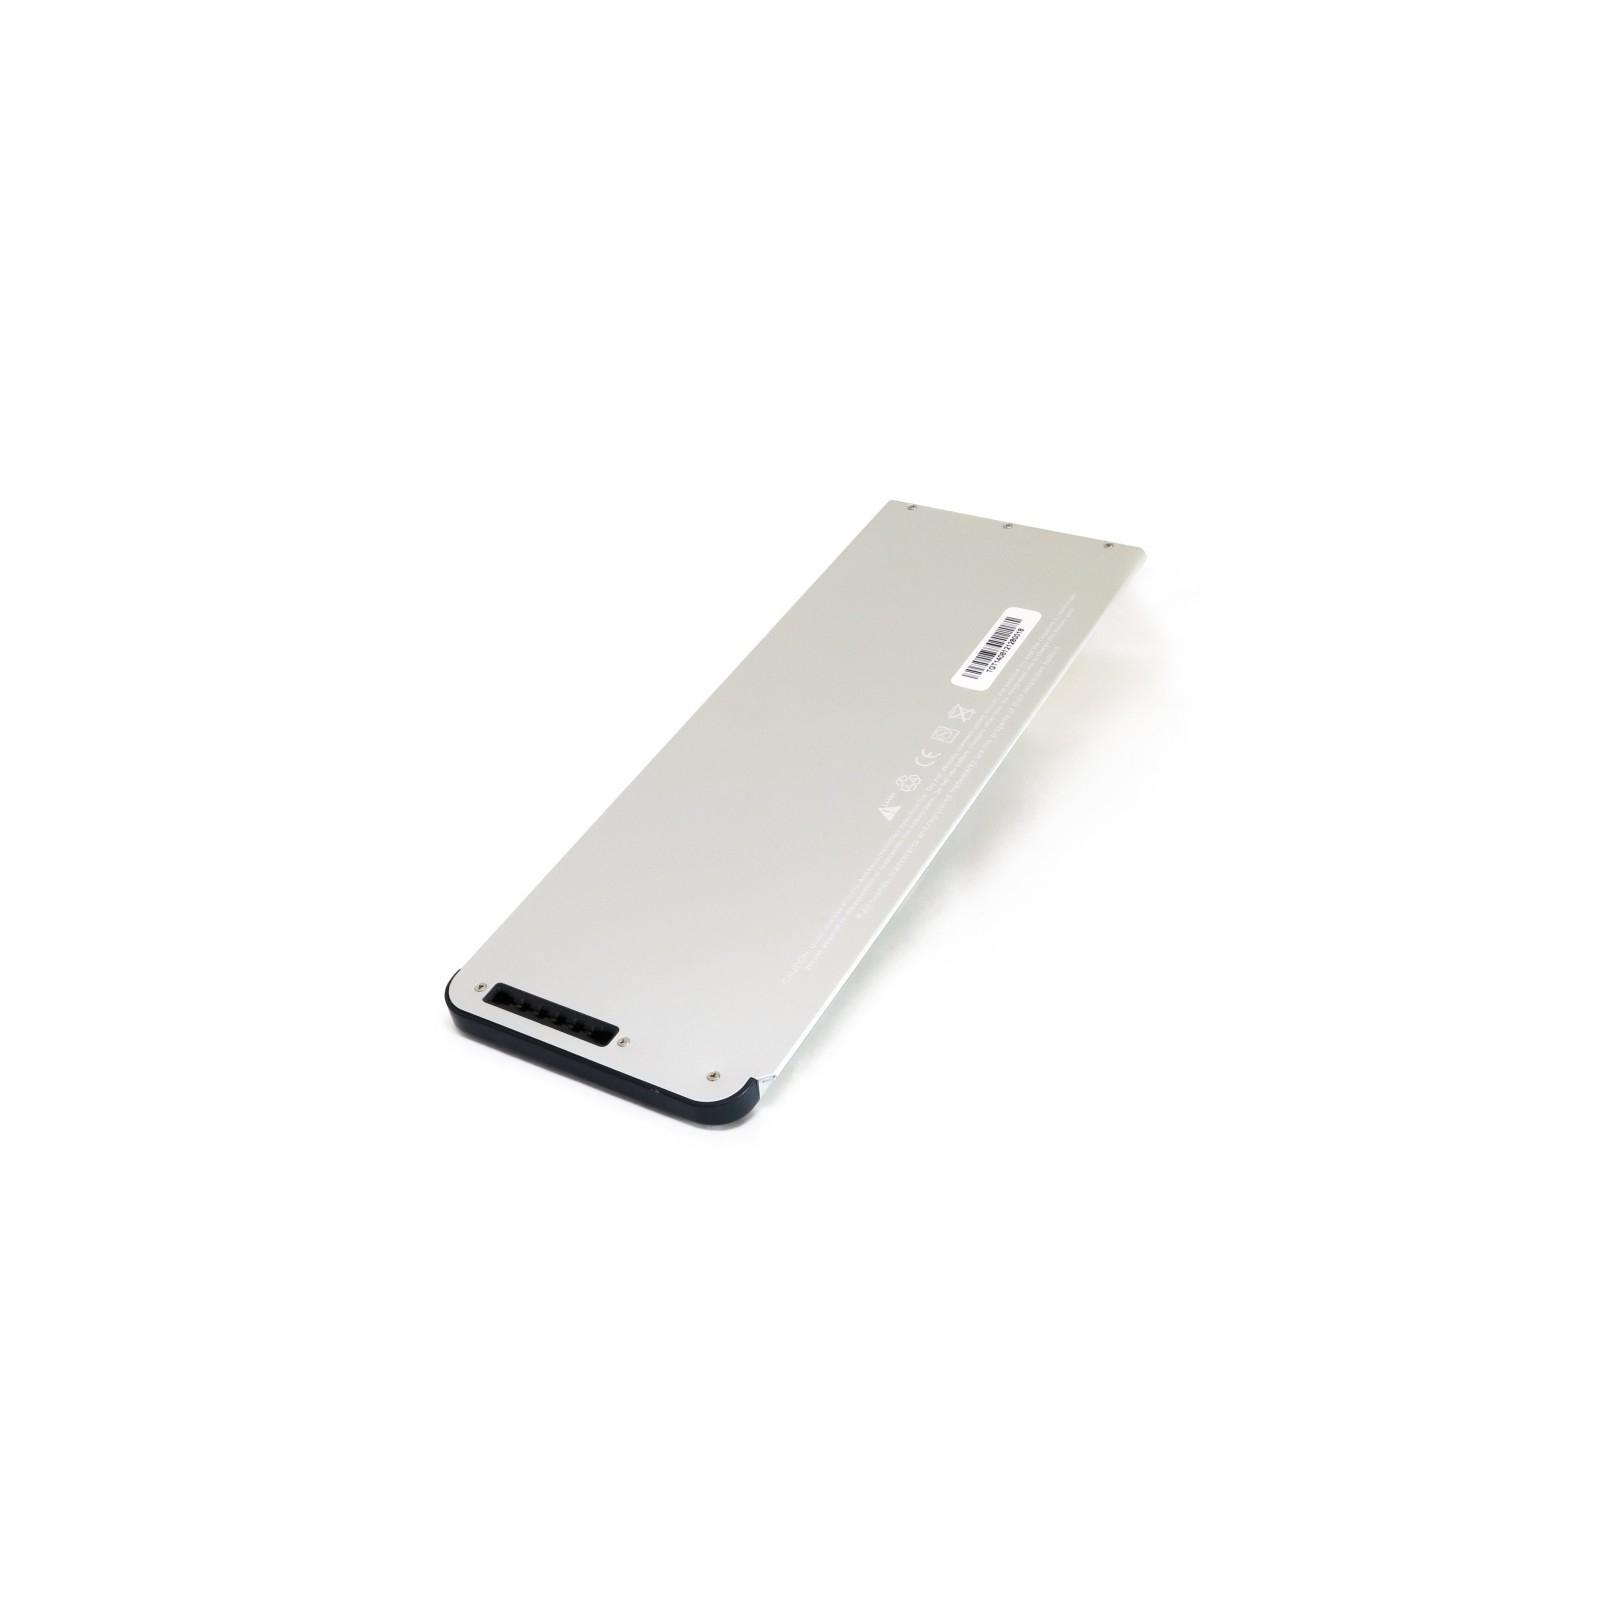 Аккумулятор для ноутбука APPLE A1280 (5000 mAh) EXTRADIGITAL (BNA3902) изображение 4